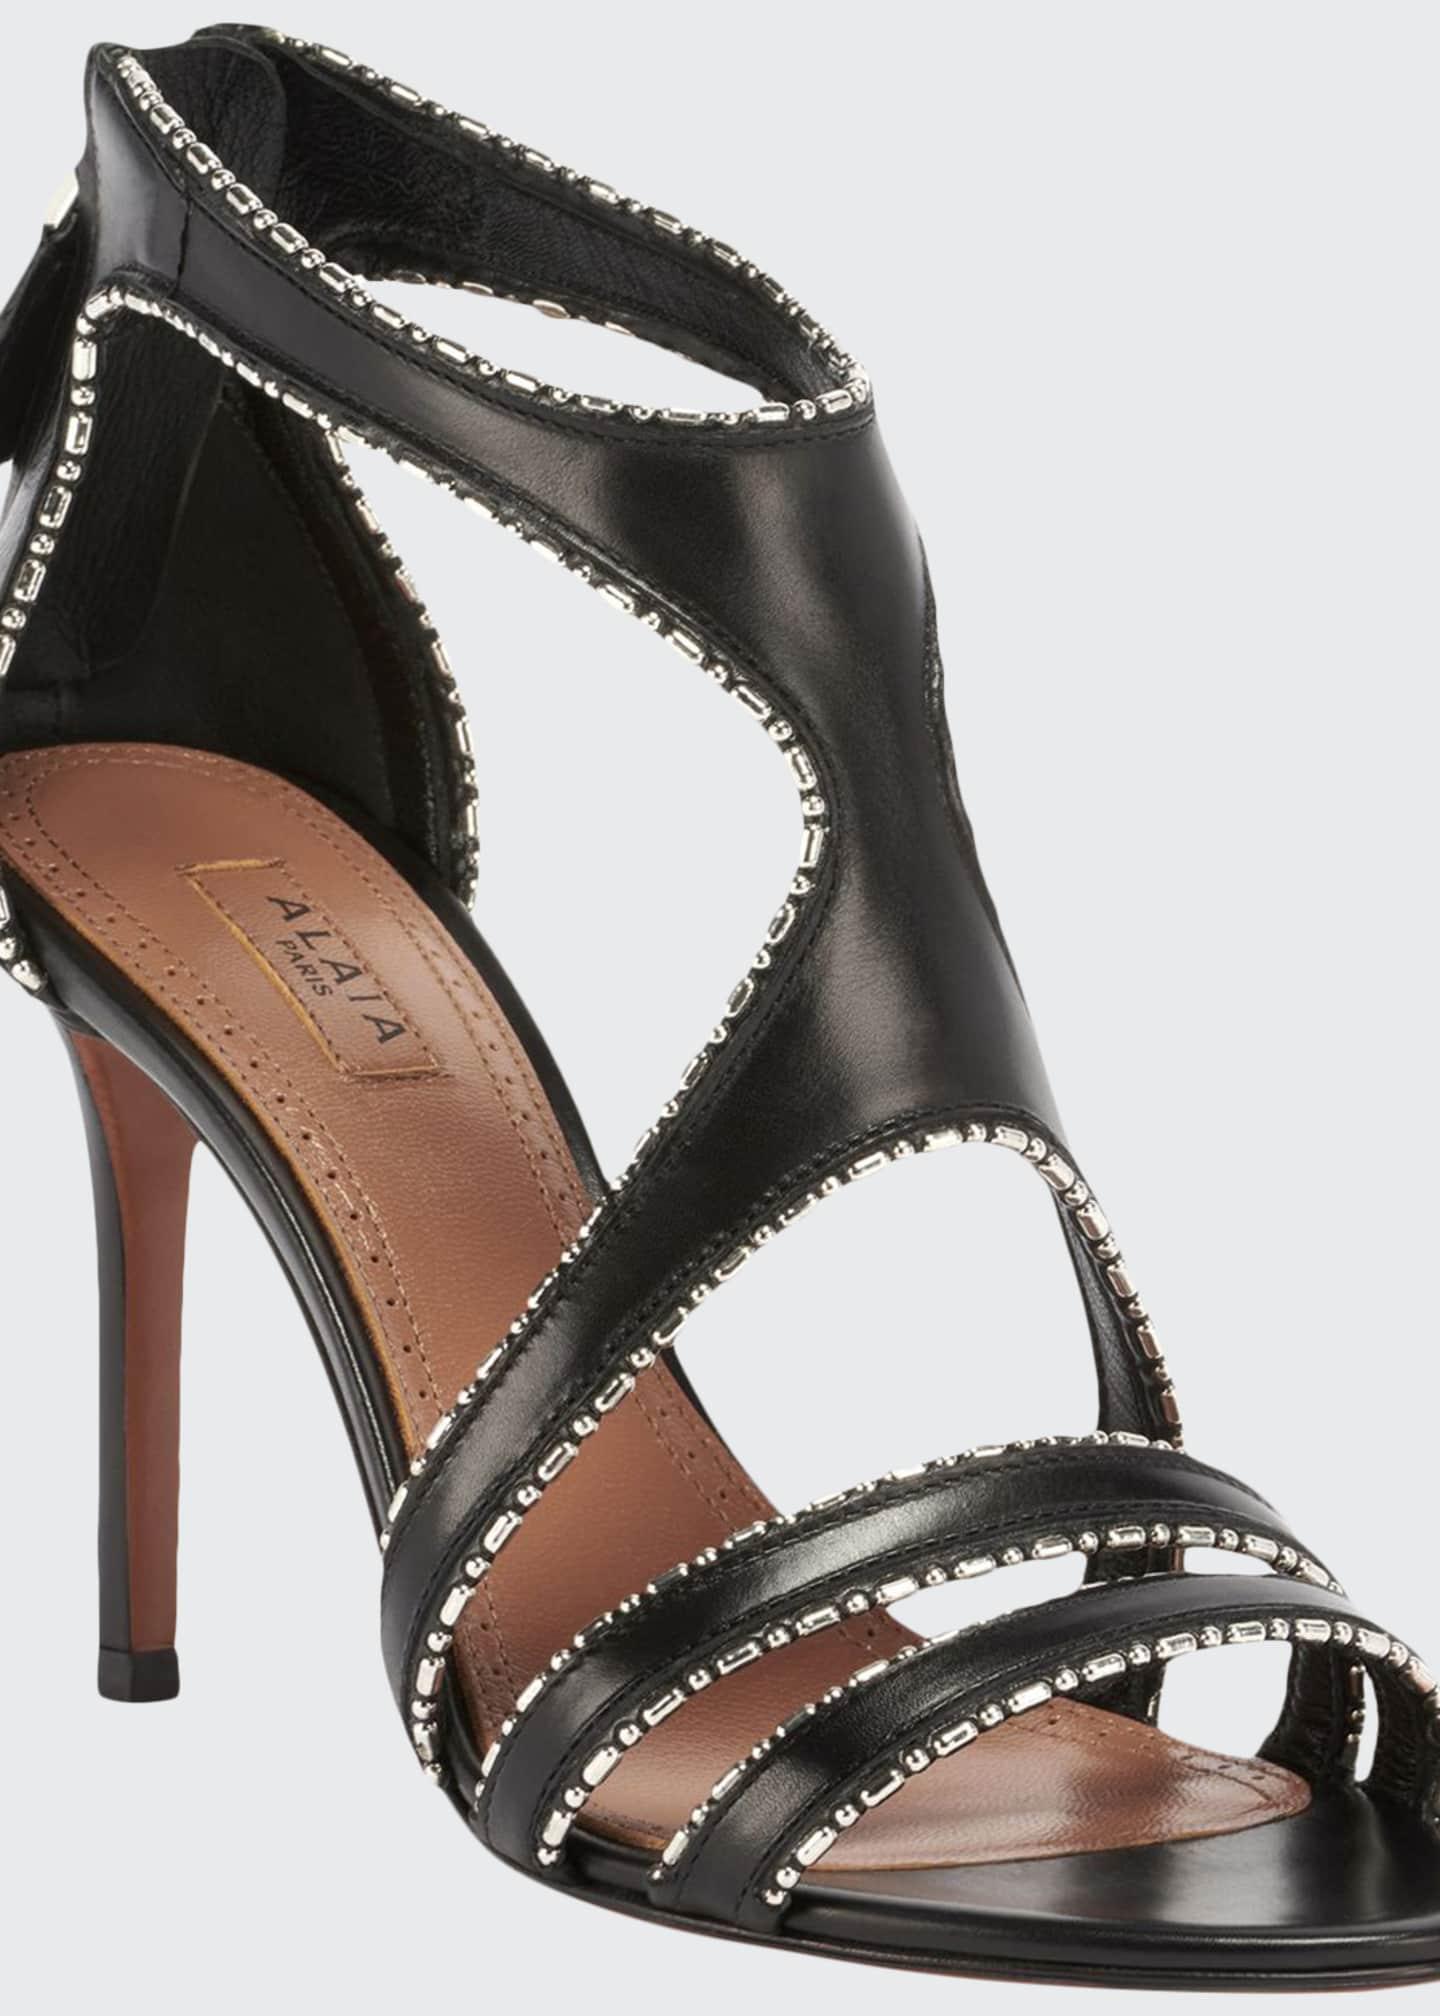 ALAIA Leather & Metal Stiletto Sandals